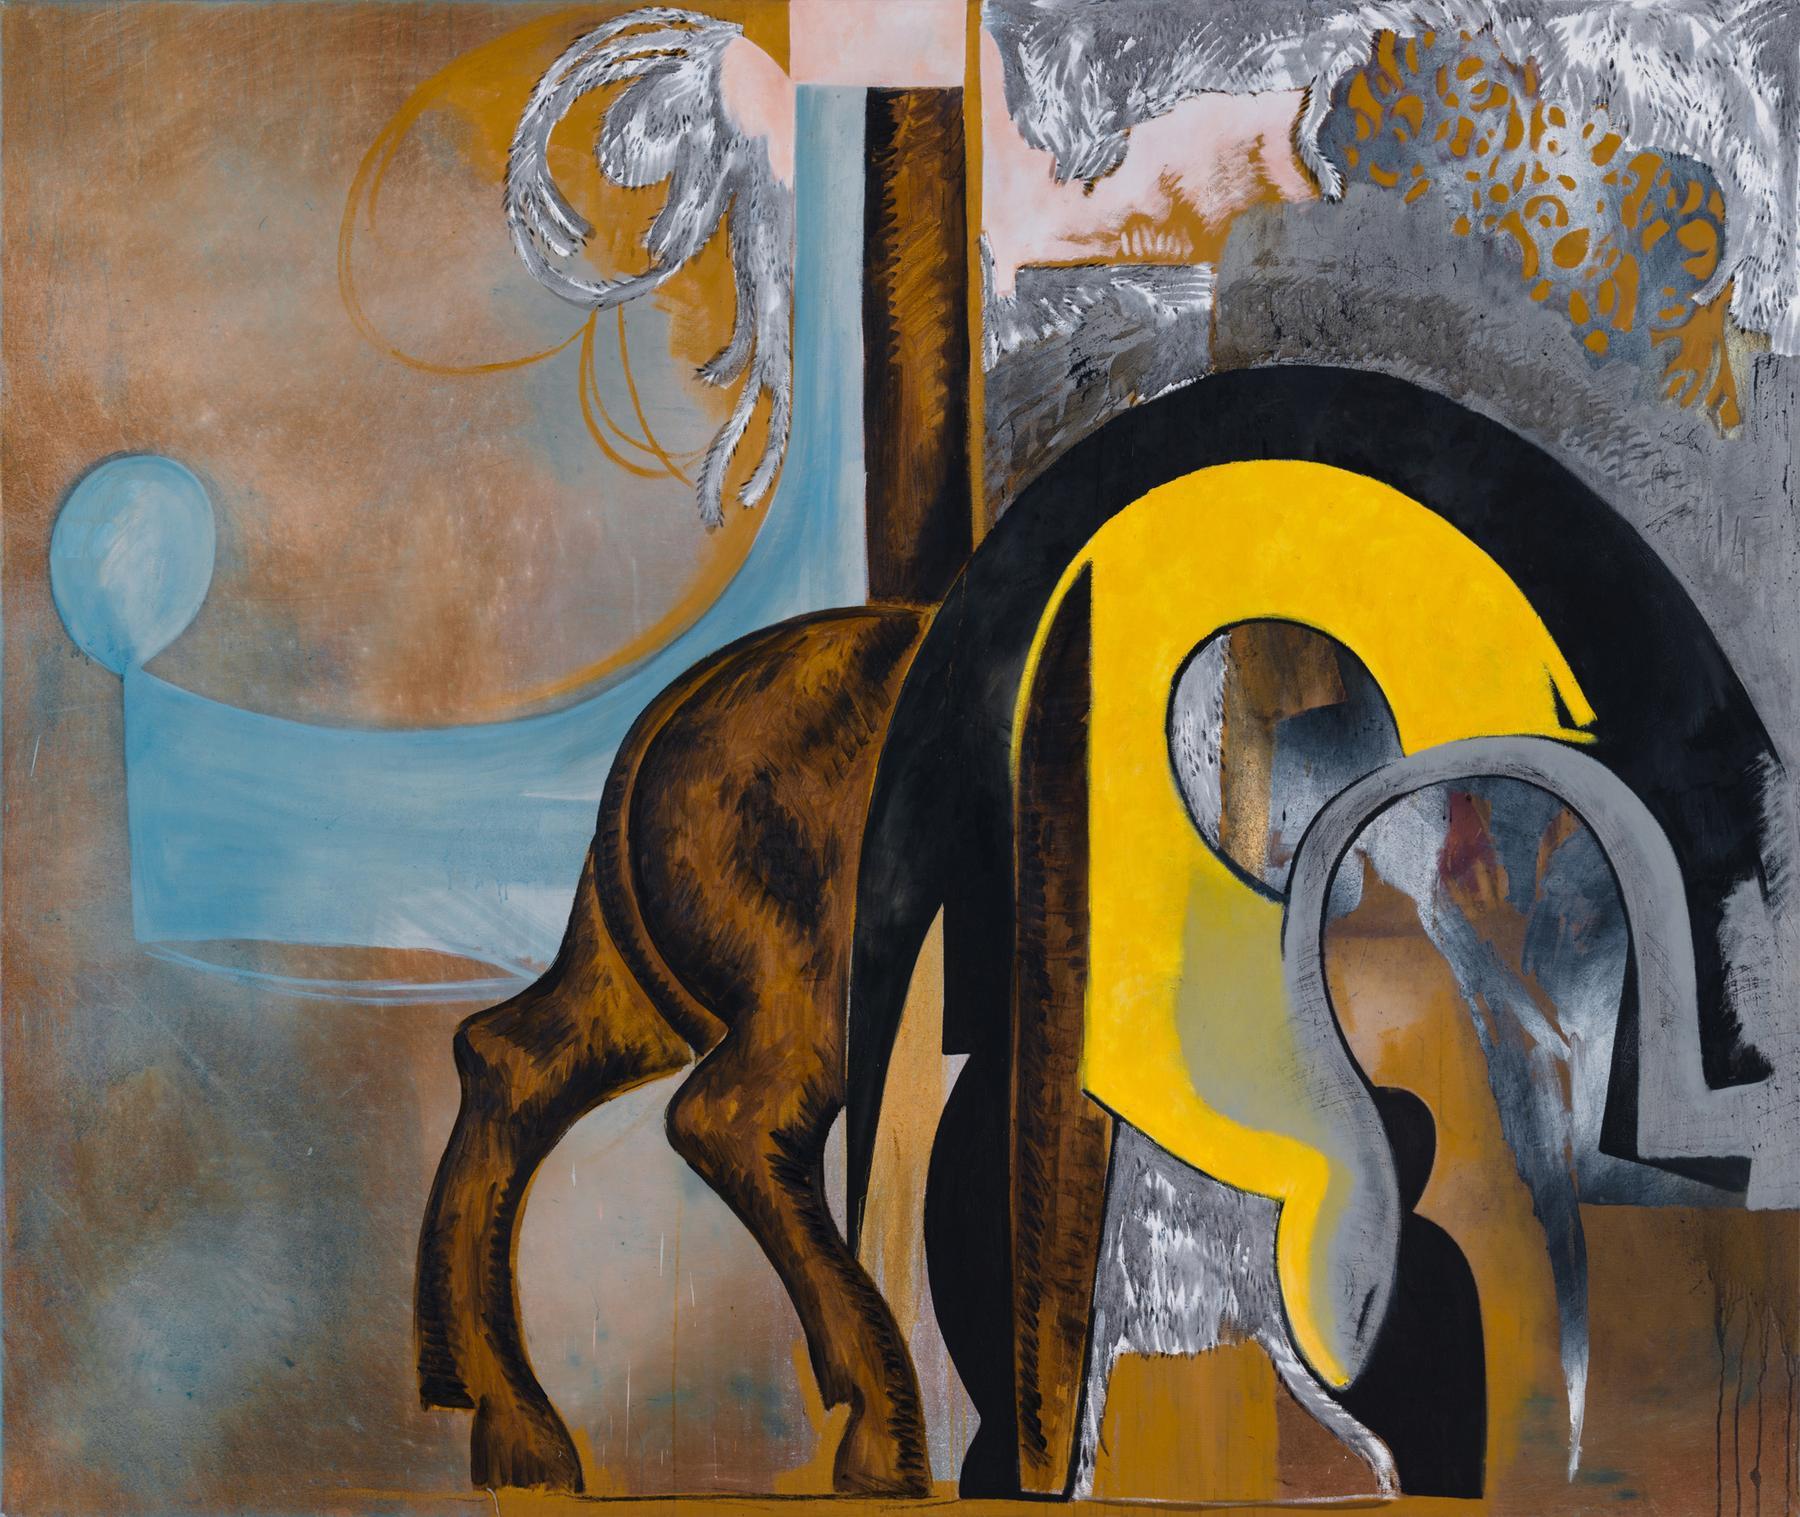 Charline von Heyl Untitled (2/95, II) 1995